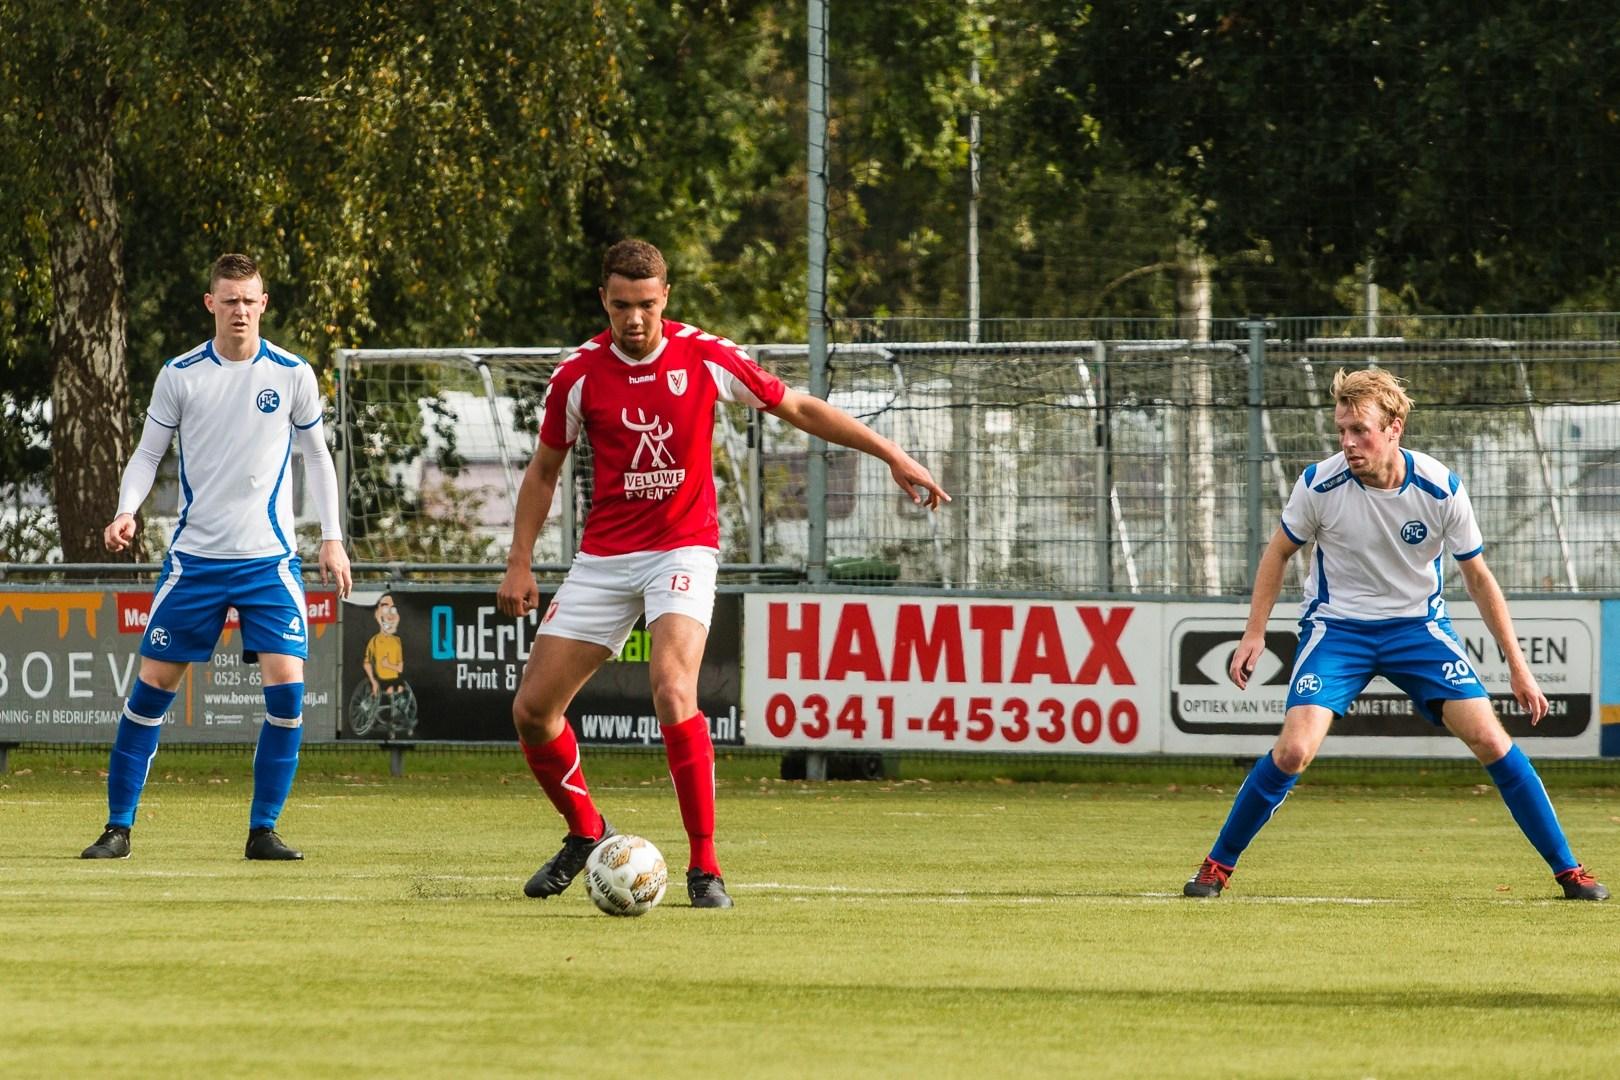 Slechte wedstrijd Hulshorst, dus verlies